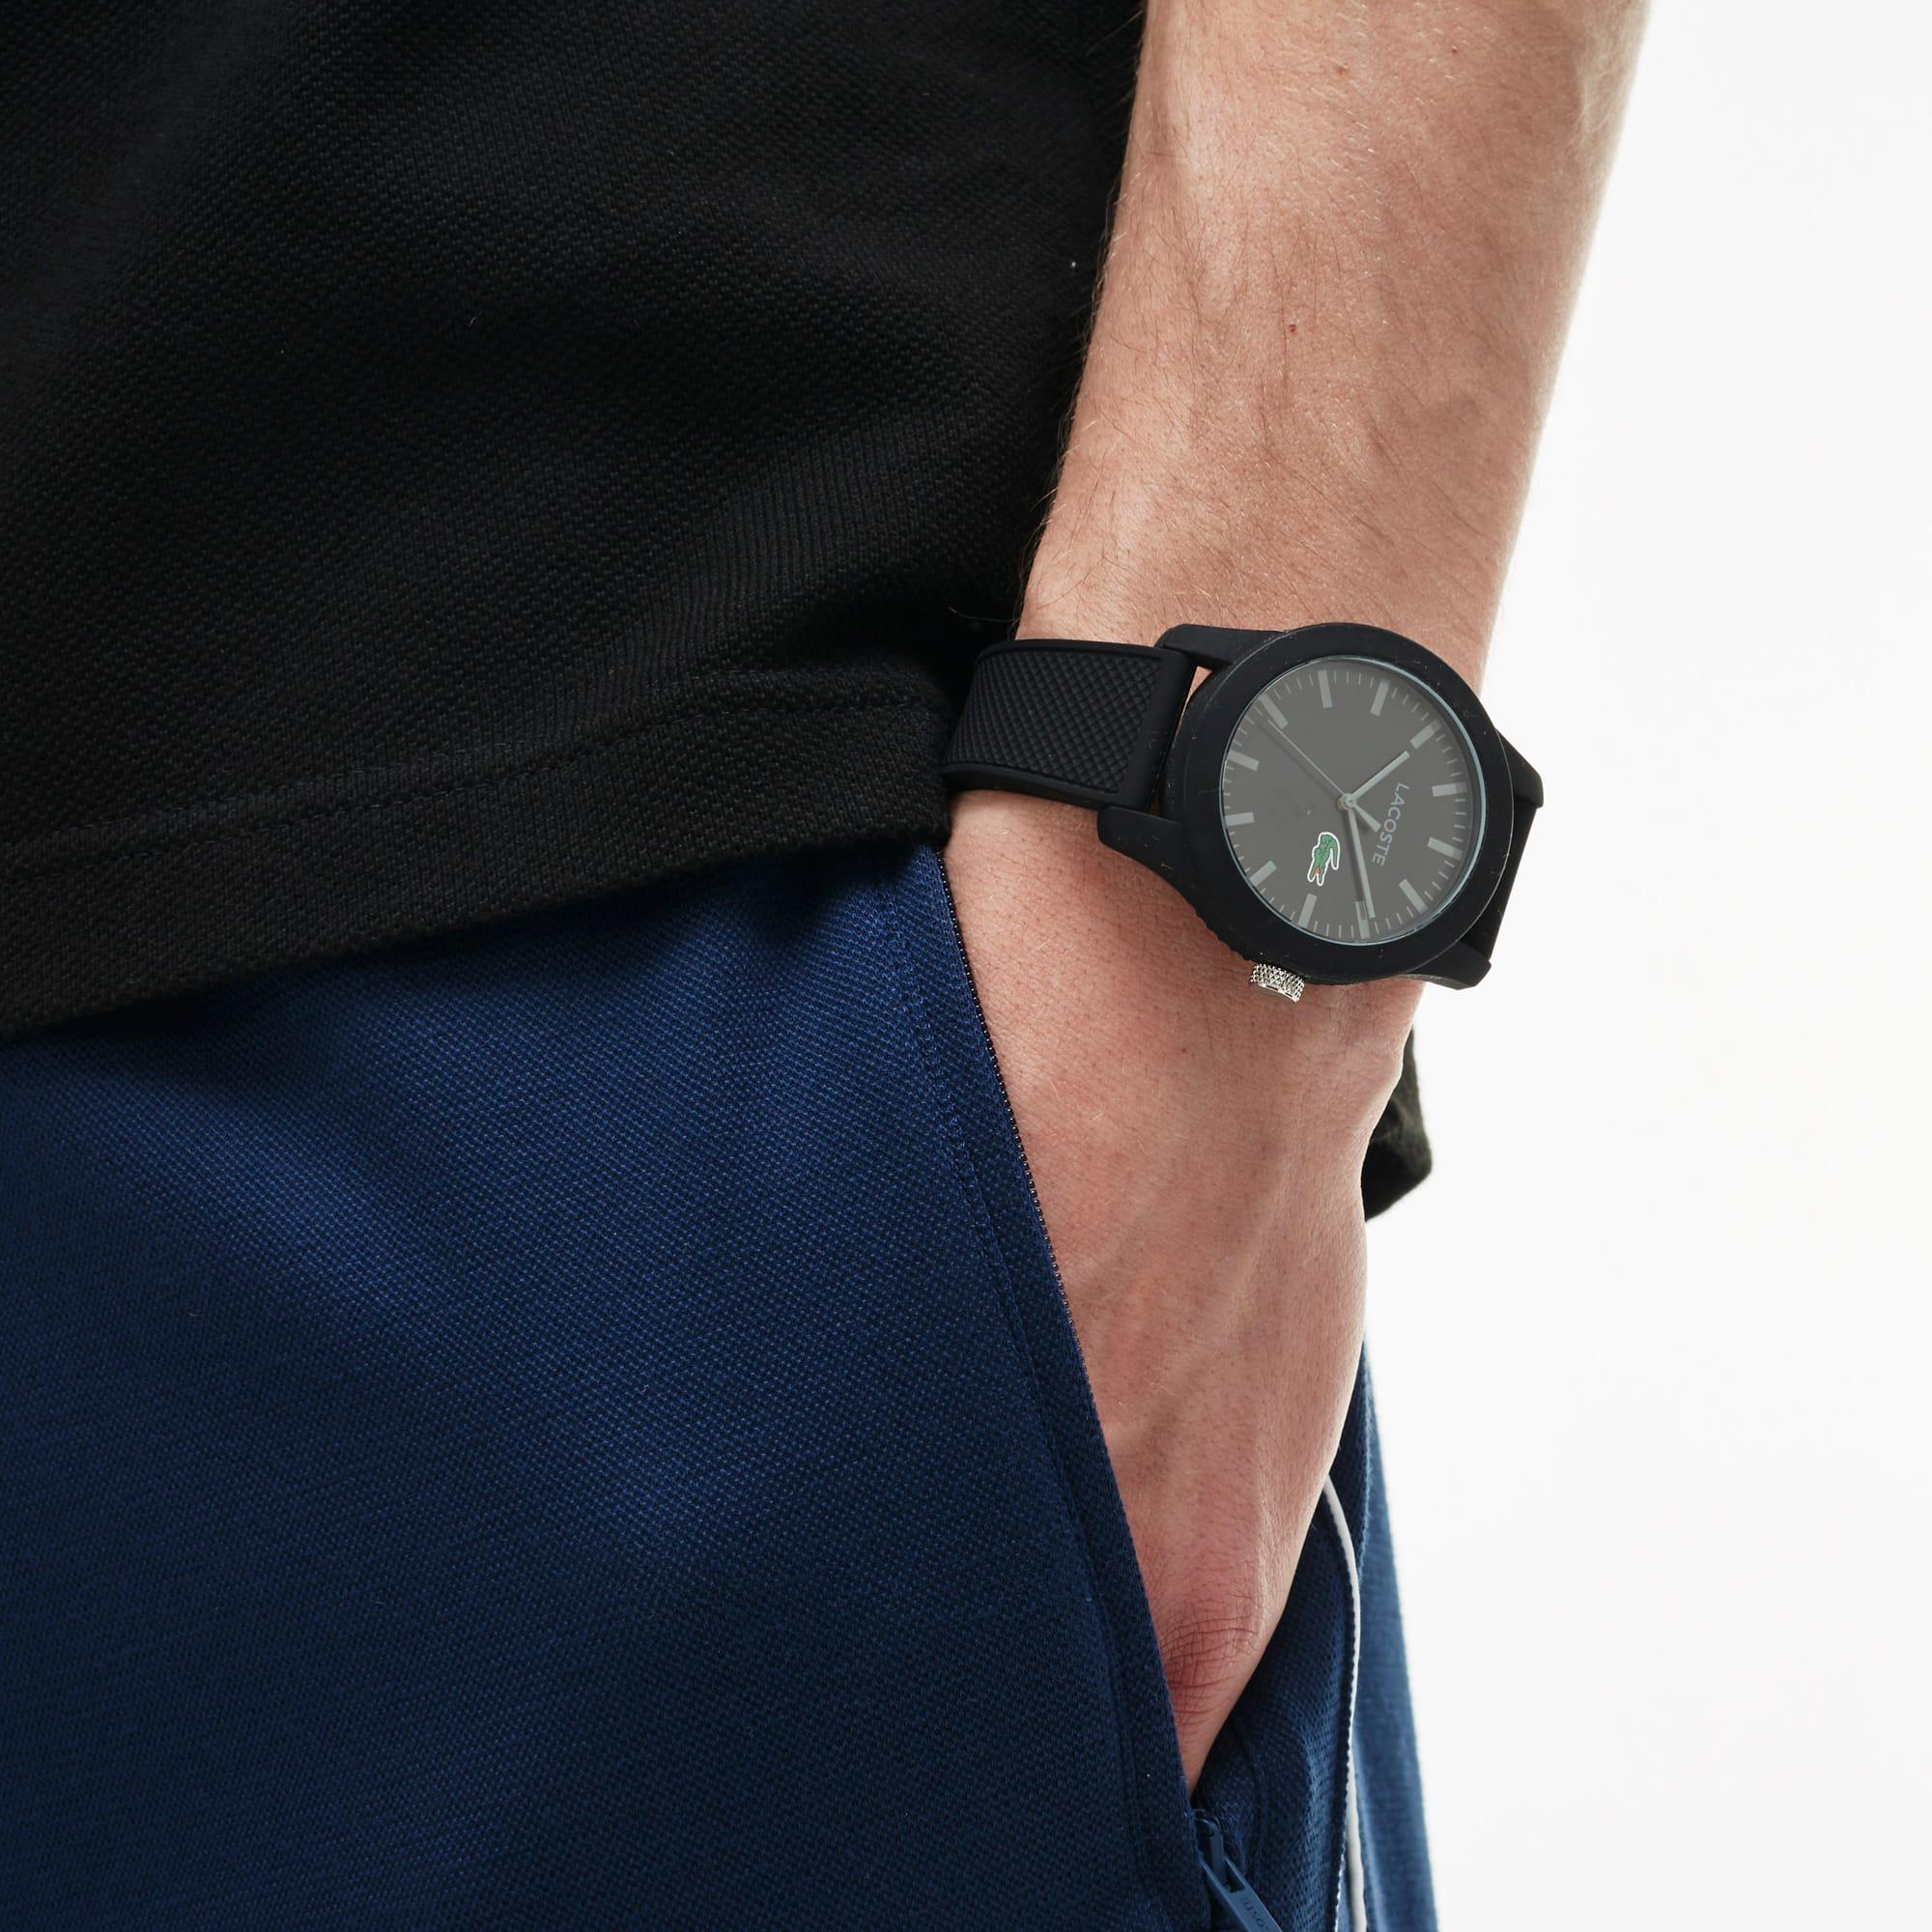 Orologio Lacoste 12.12 Uomo con Cinturino in Silicone Nero